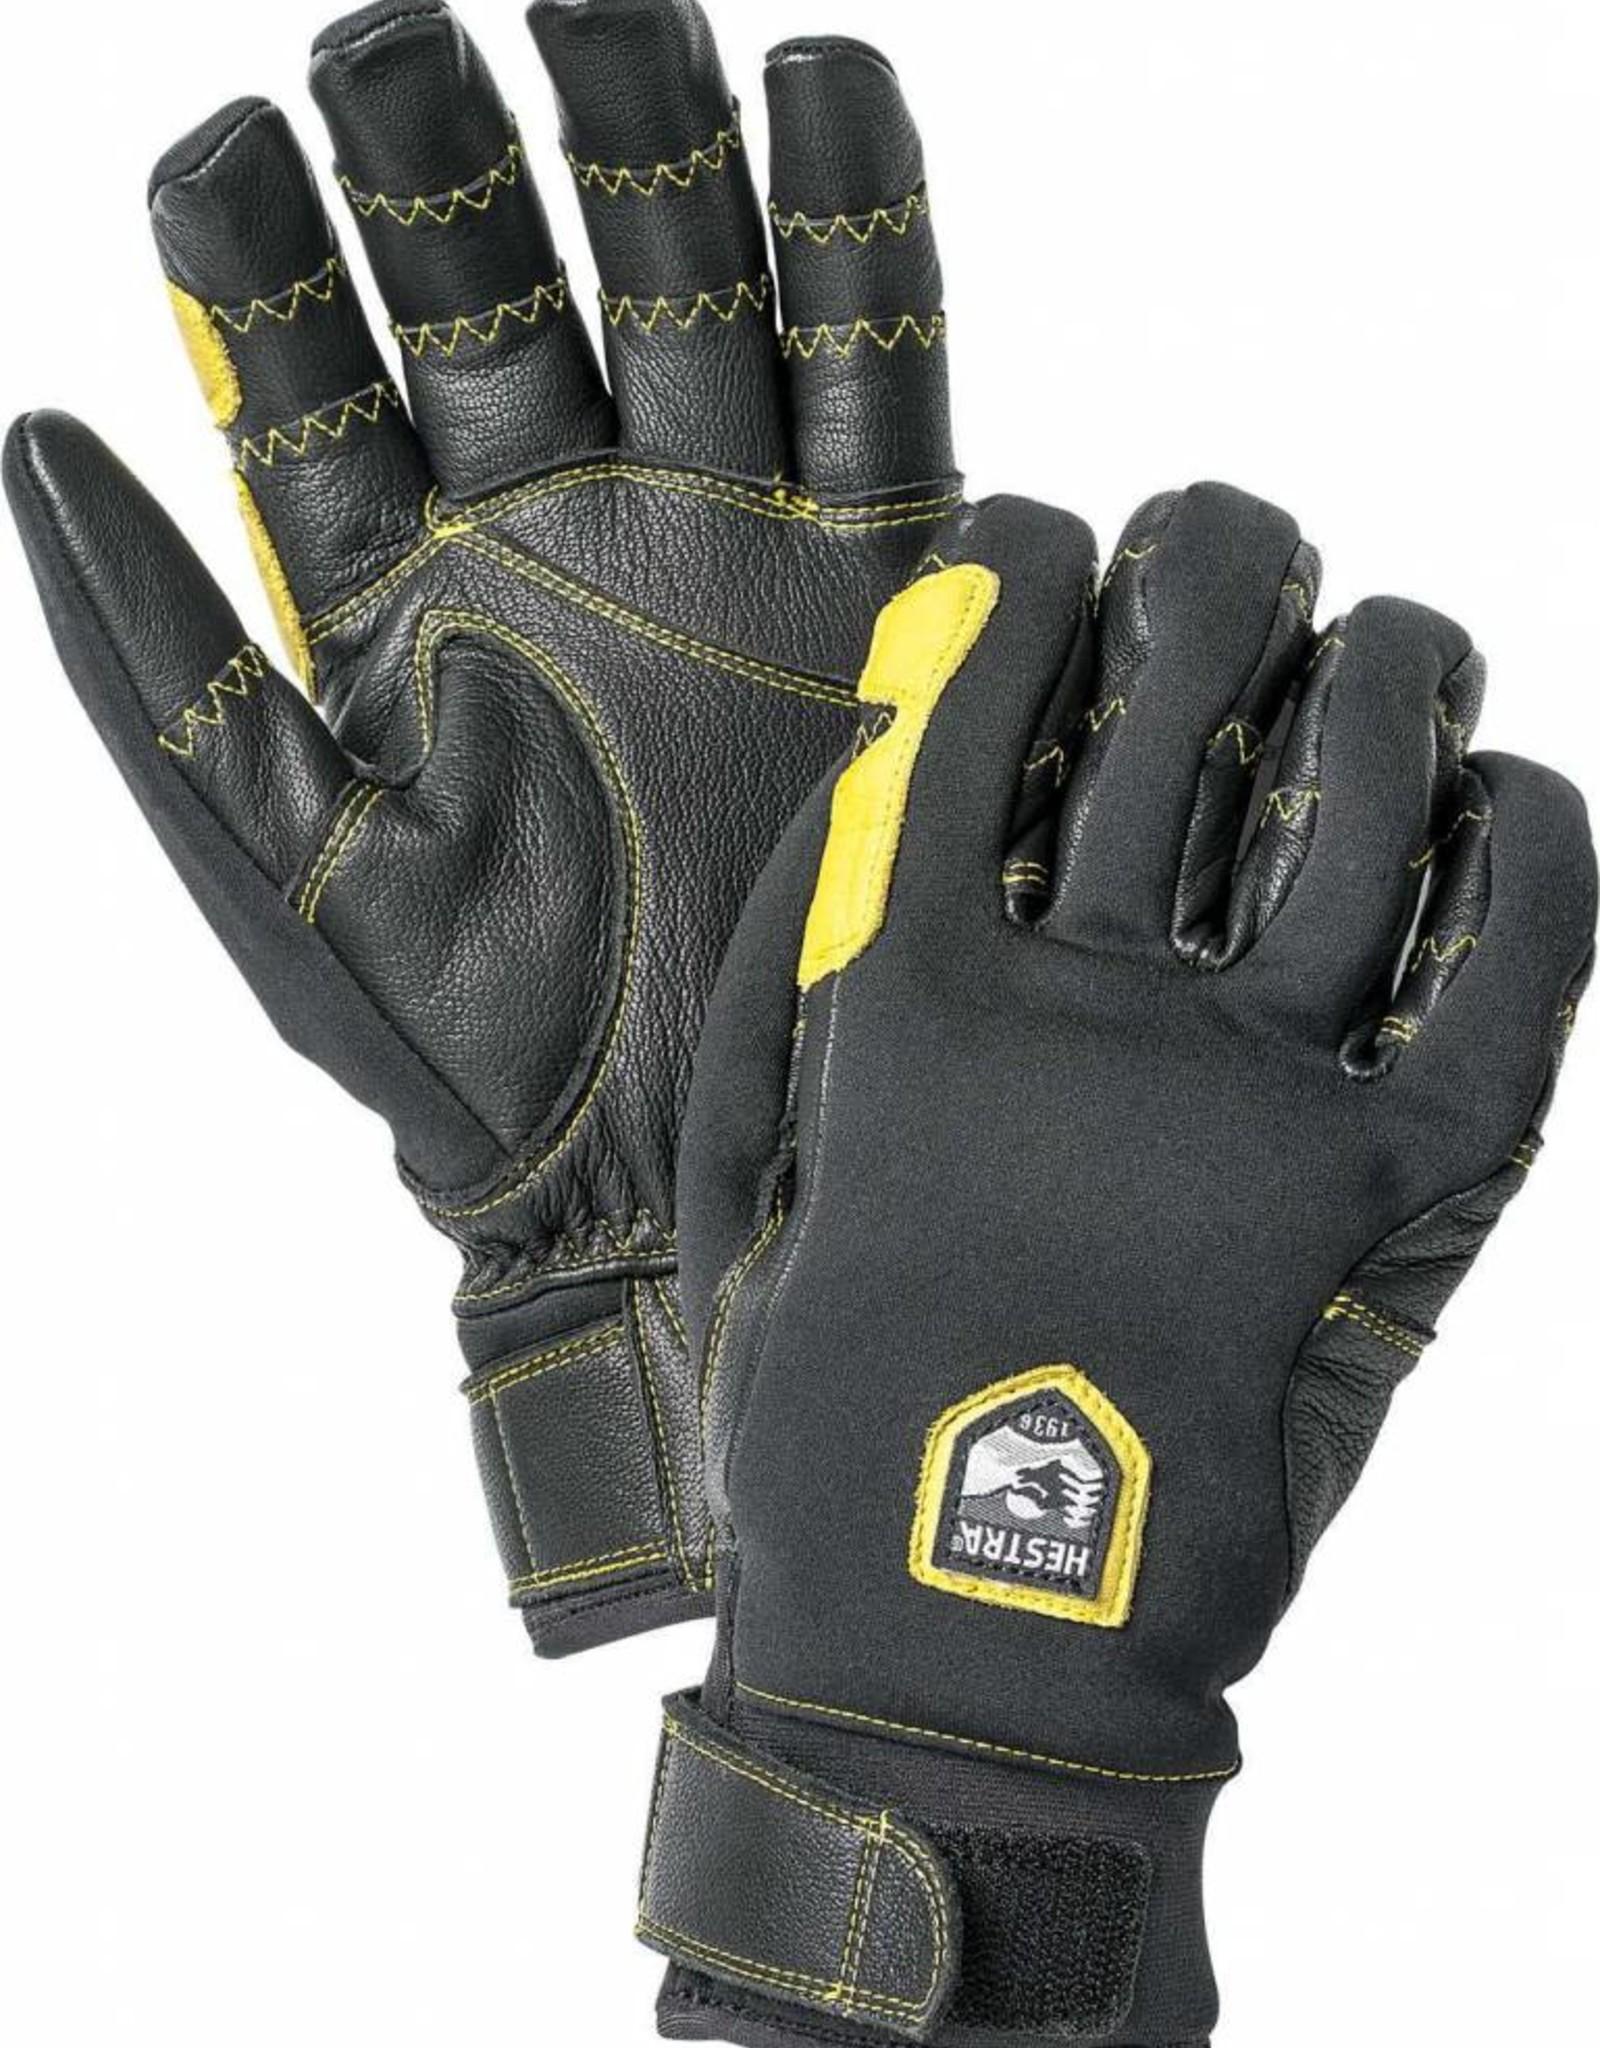 Hestra Ergo Grip Active Glove